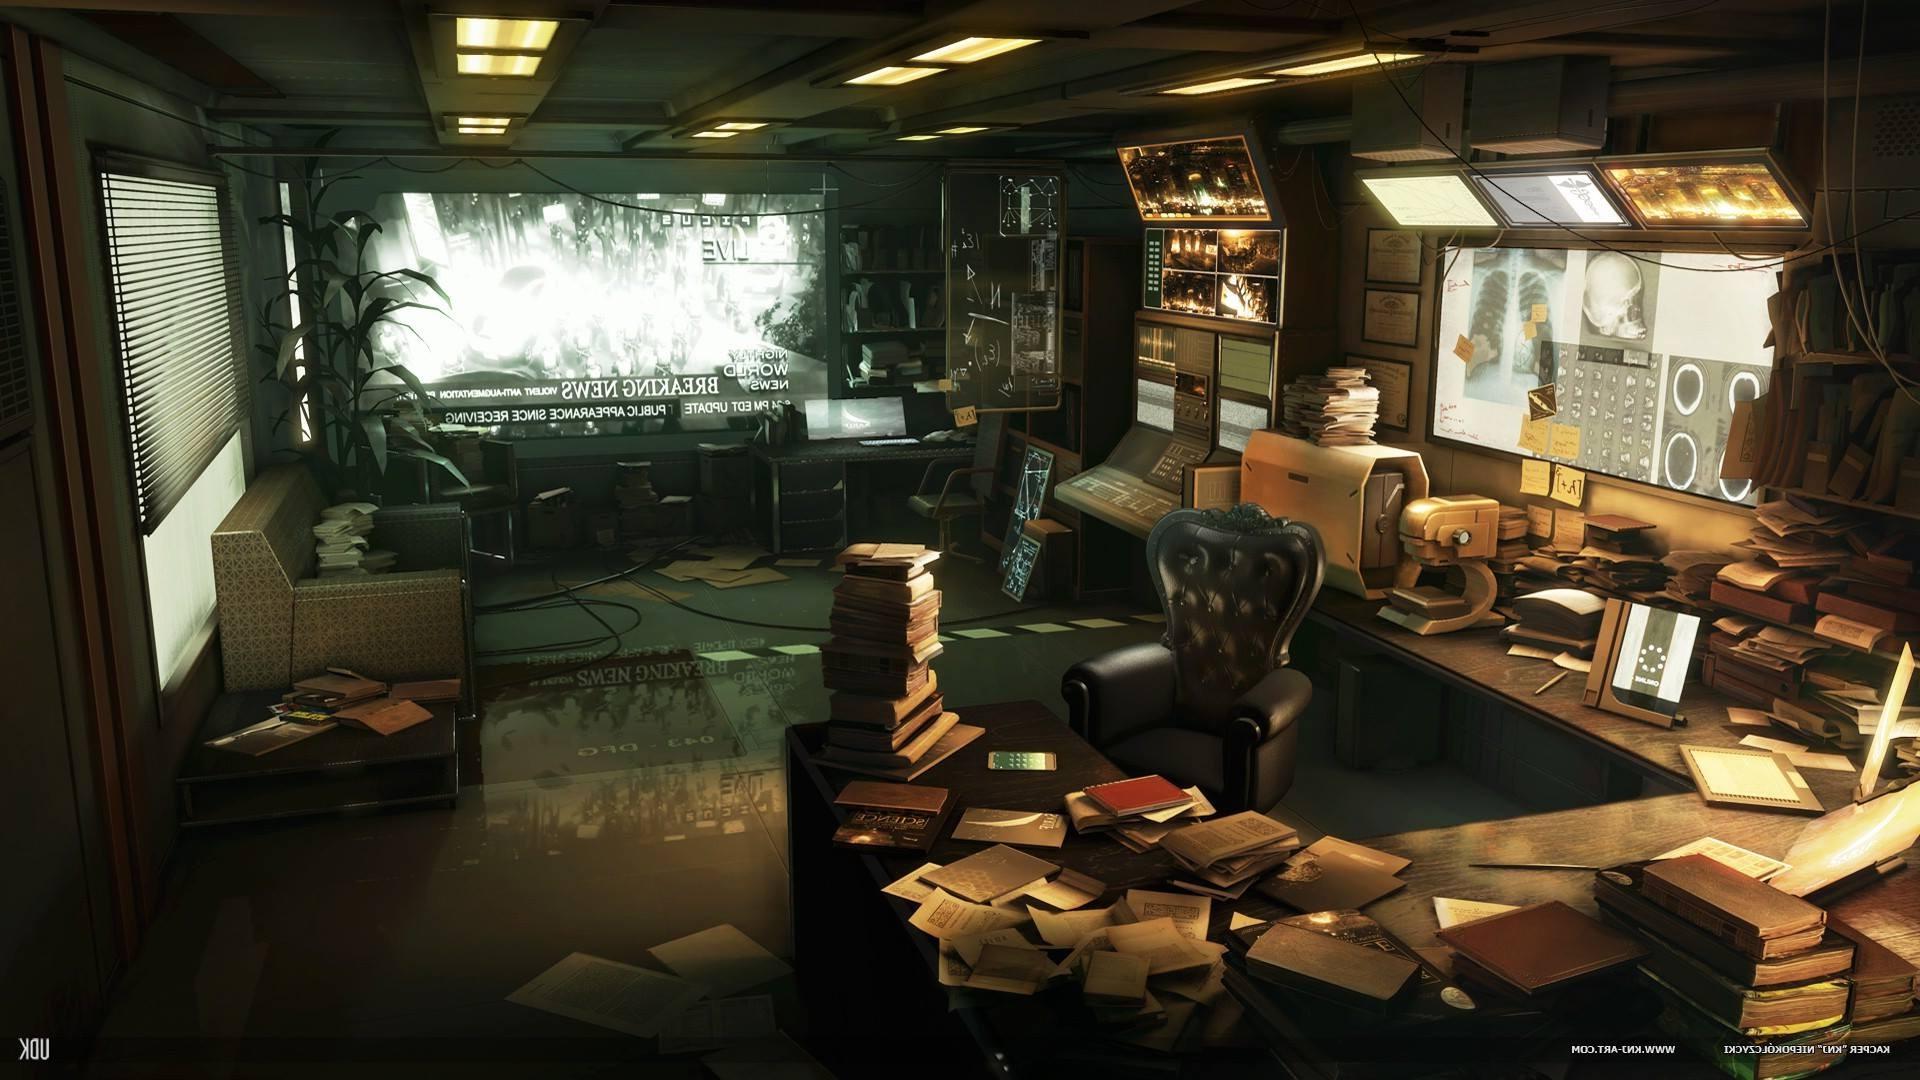 Fondos de pantalla videojuegos habitaci n obra de arte - Juego de diseno de interiores ...